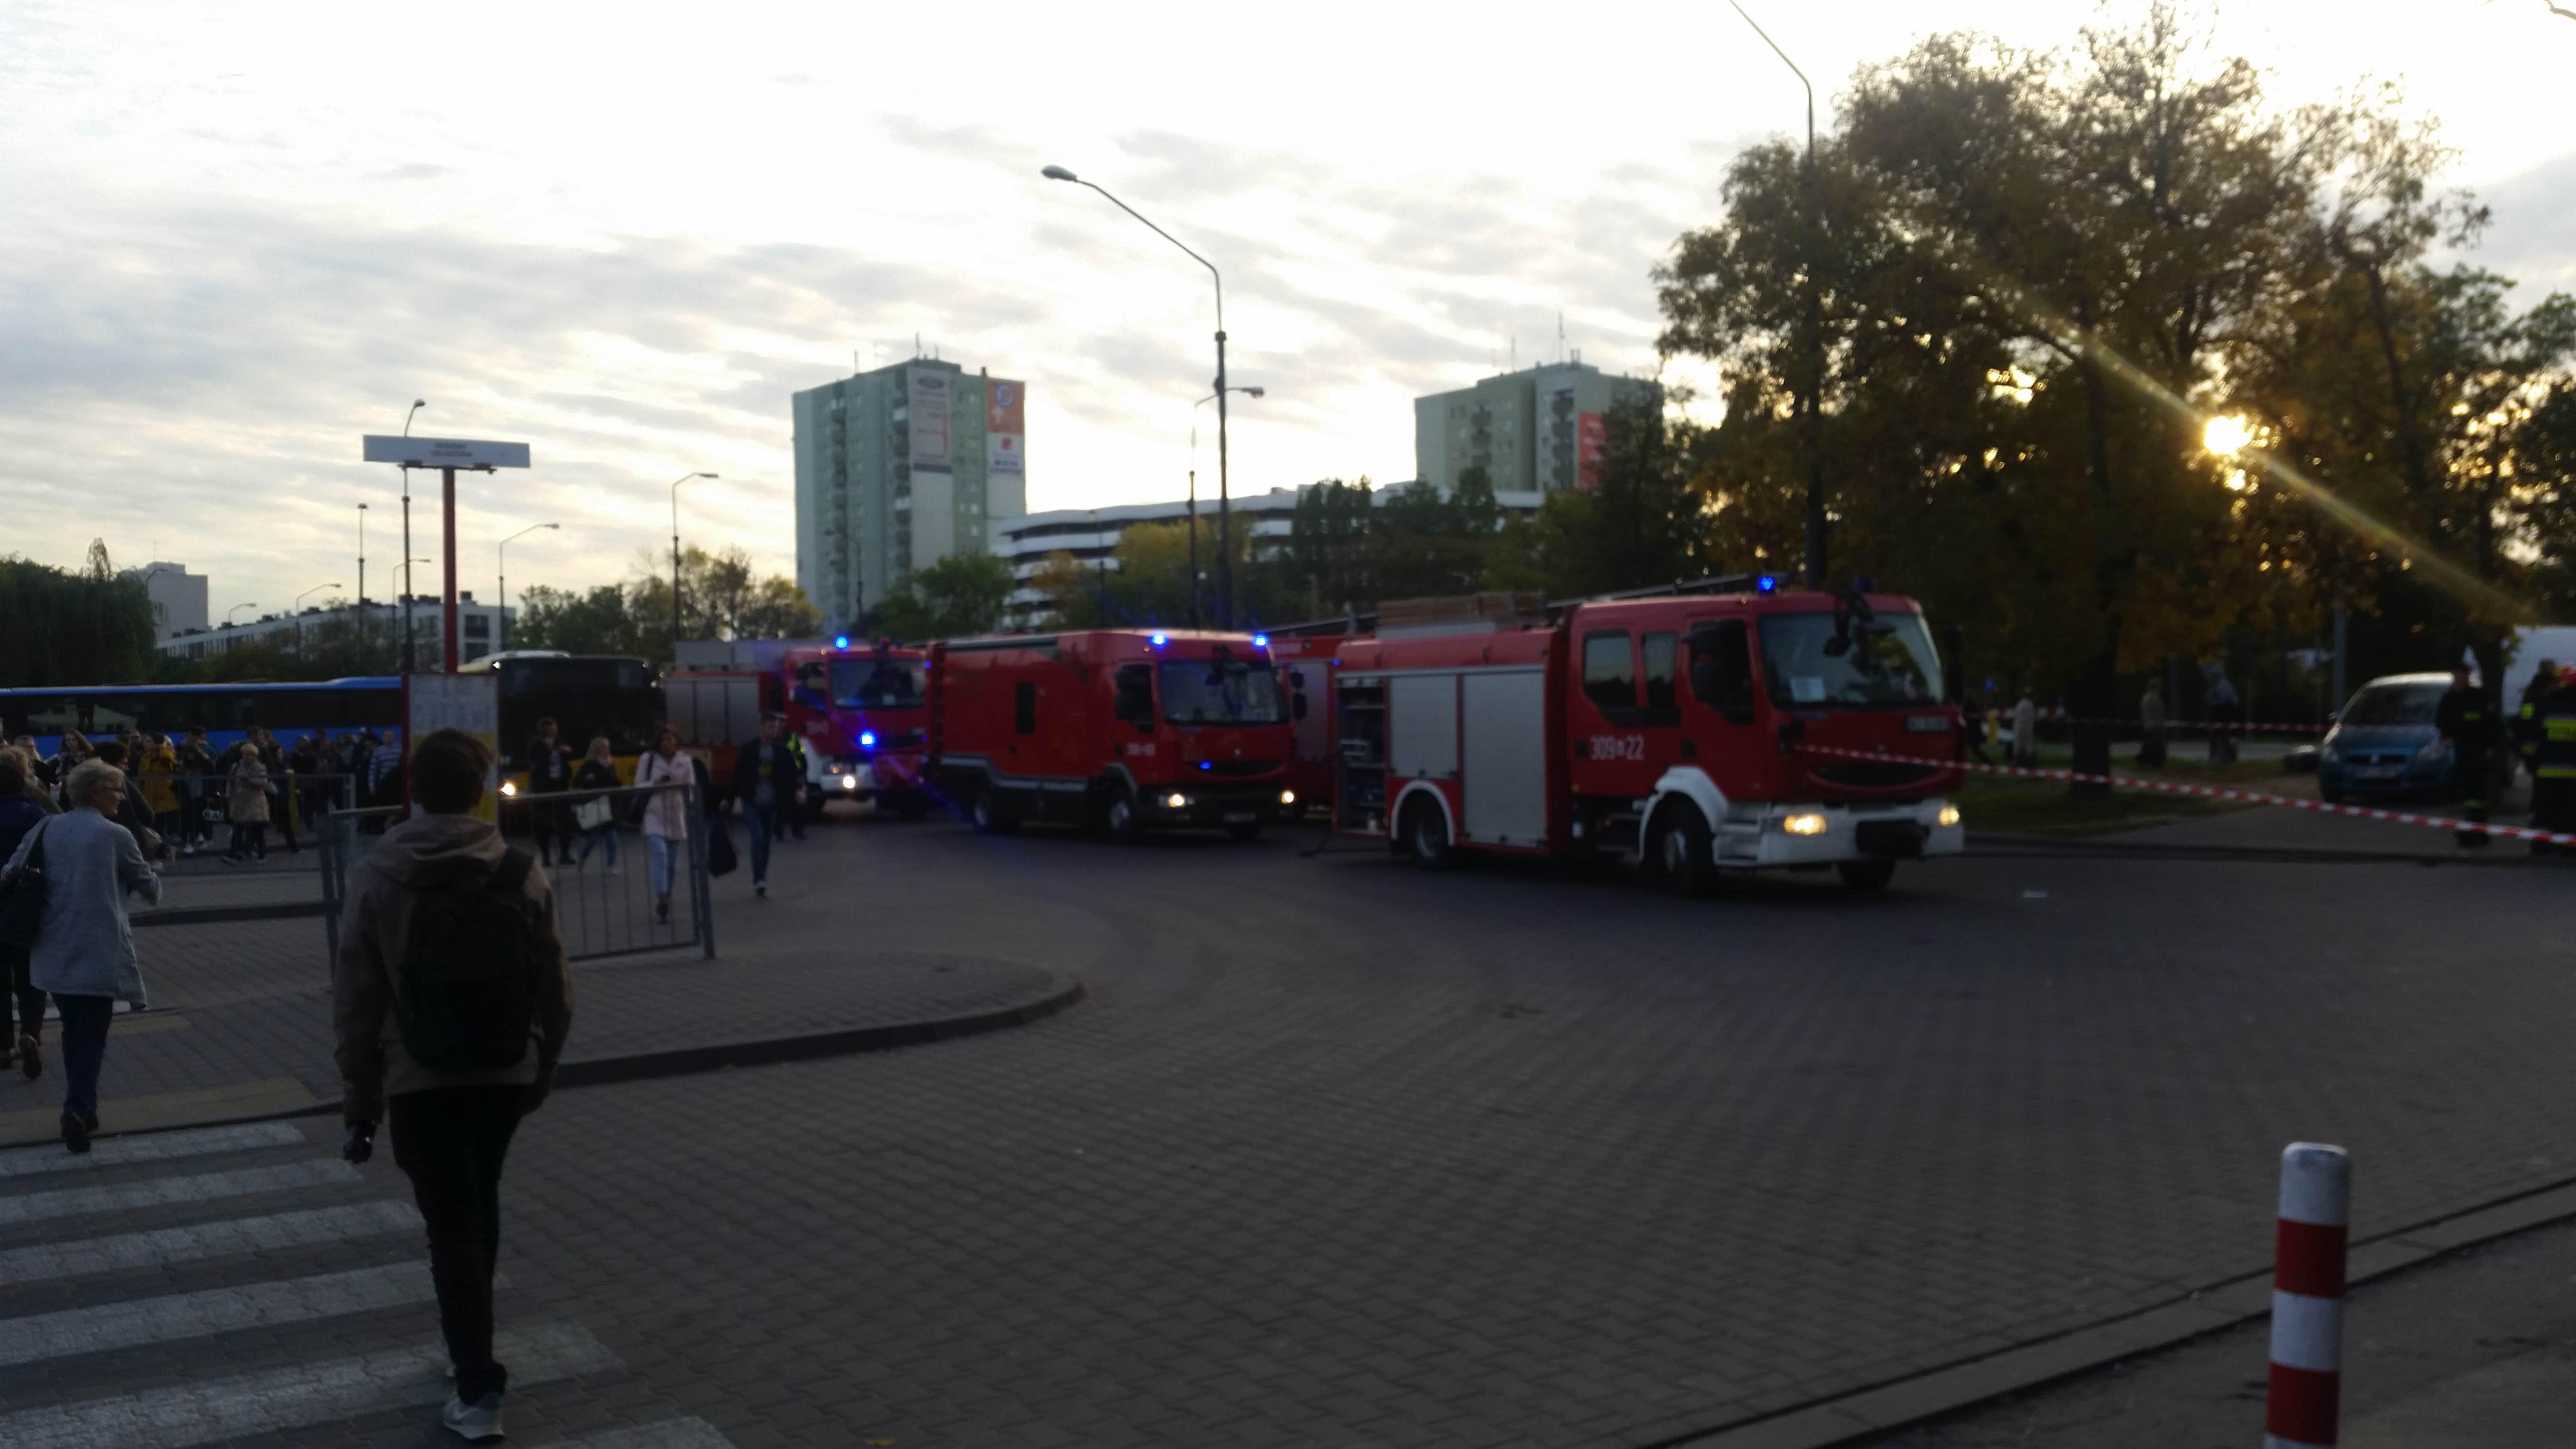 Atak na straż miejską w Warszawie! Ludzie panikują, wozy strażackie ruszyły (zdjęcia)